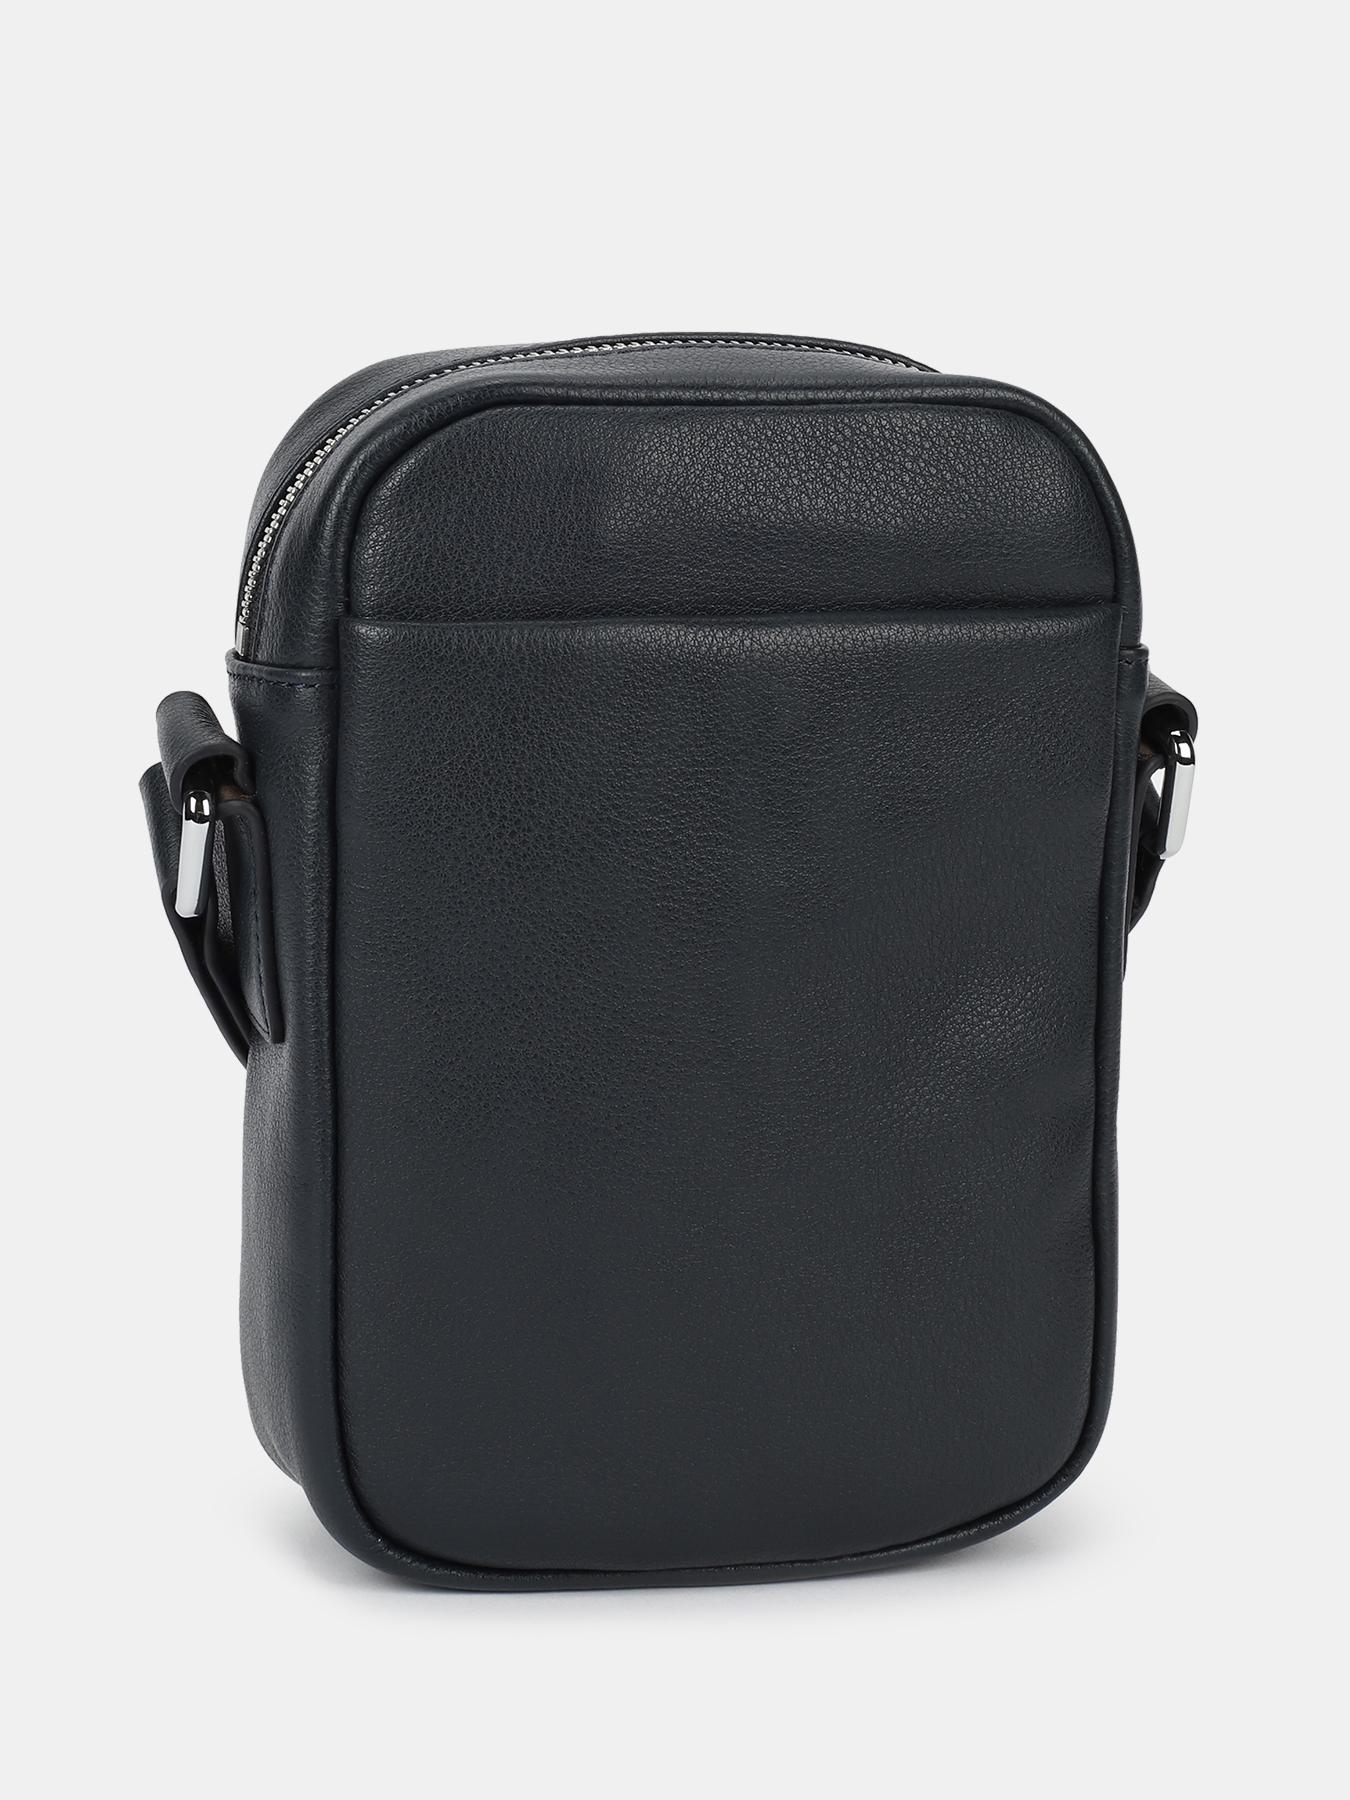 Фото - Сумка Cerruti 1881 Кожаная сумка сумка